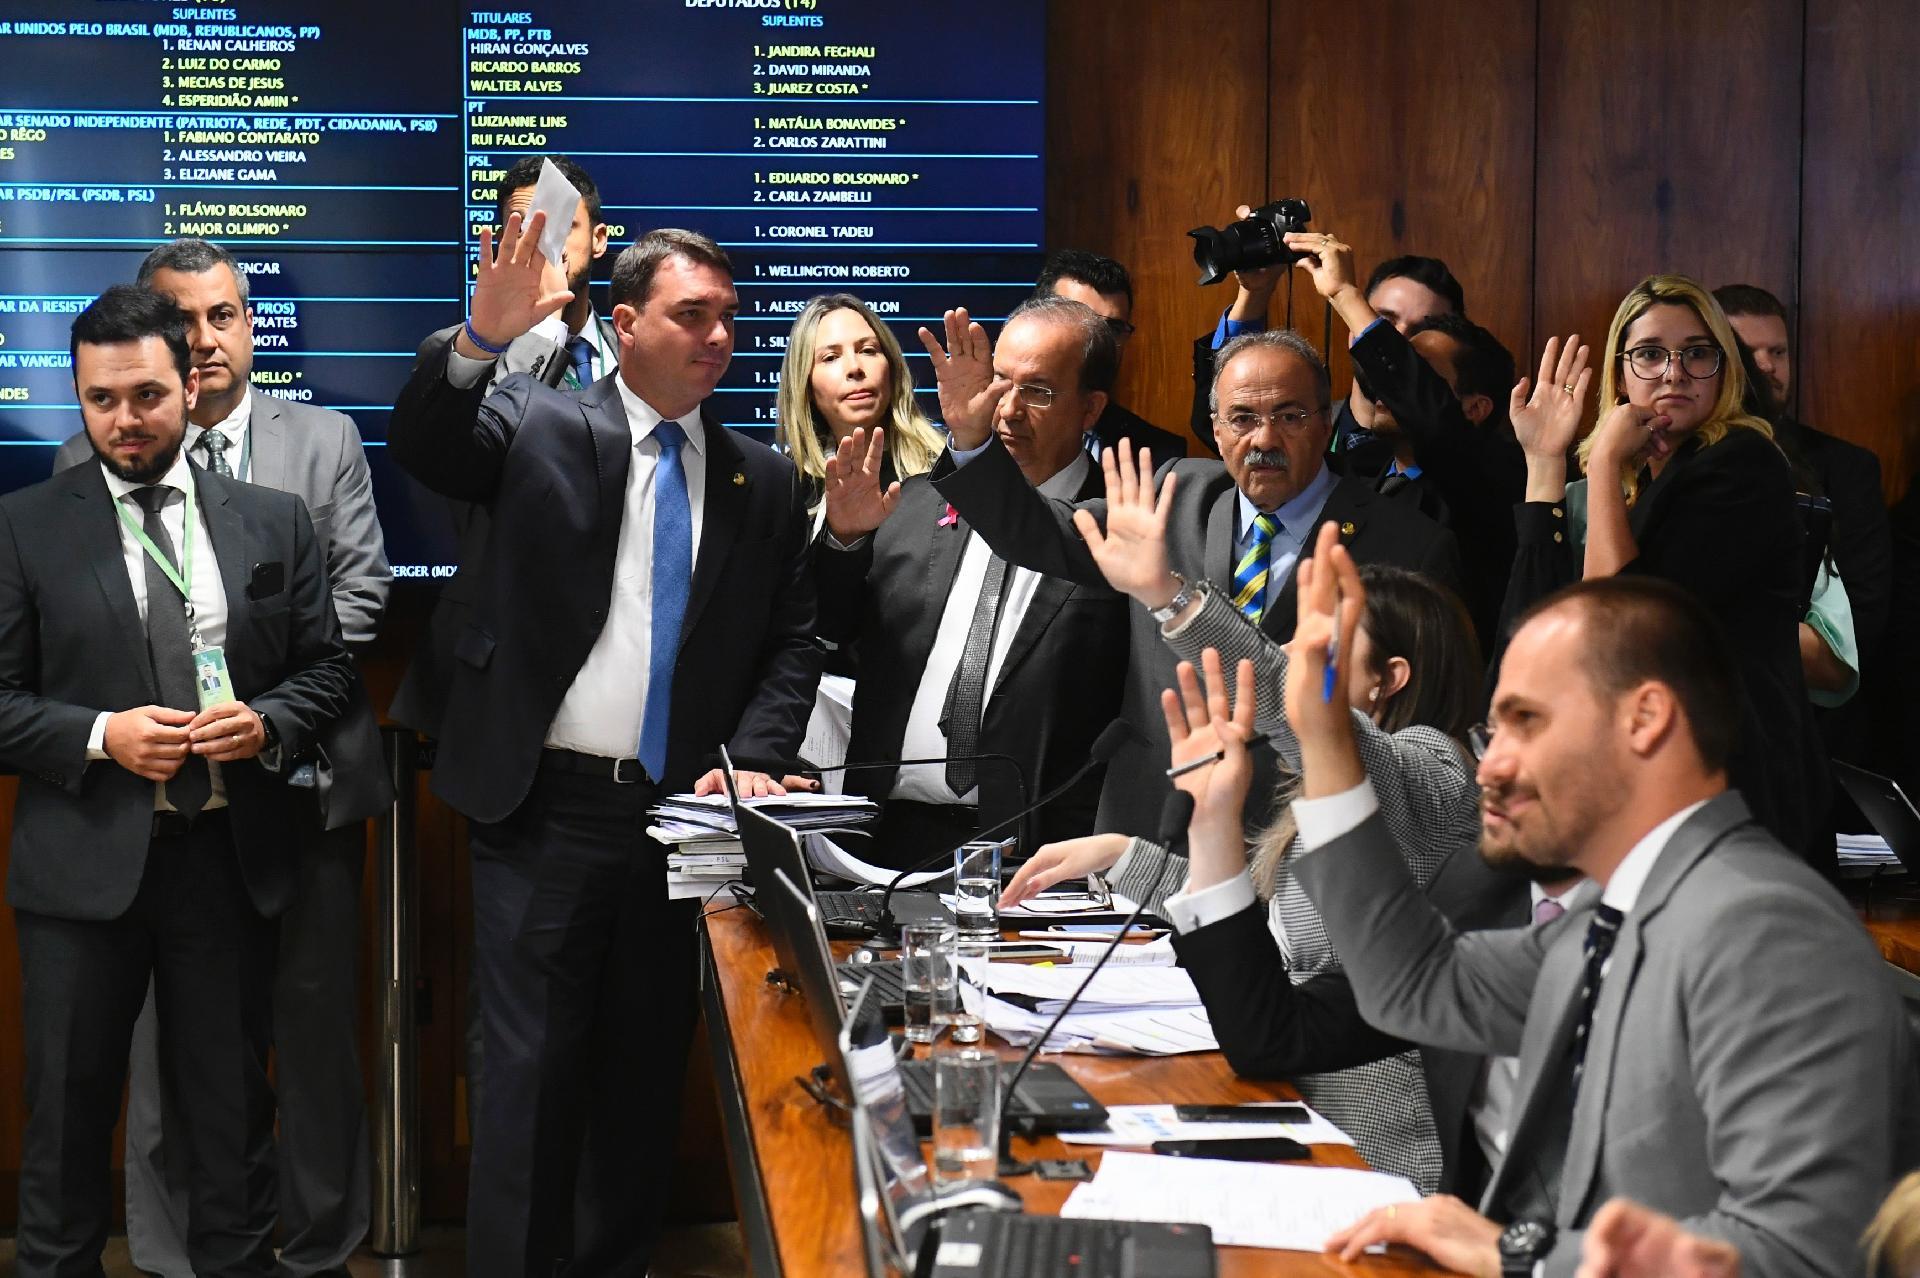 Justiça derruba efeitos da suspensão do PSL a deputados bolsonaristas